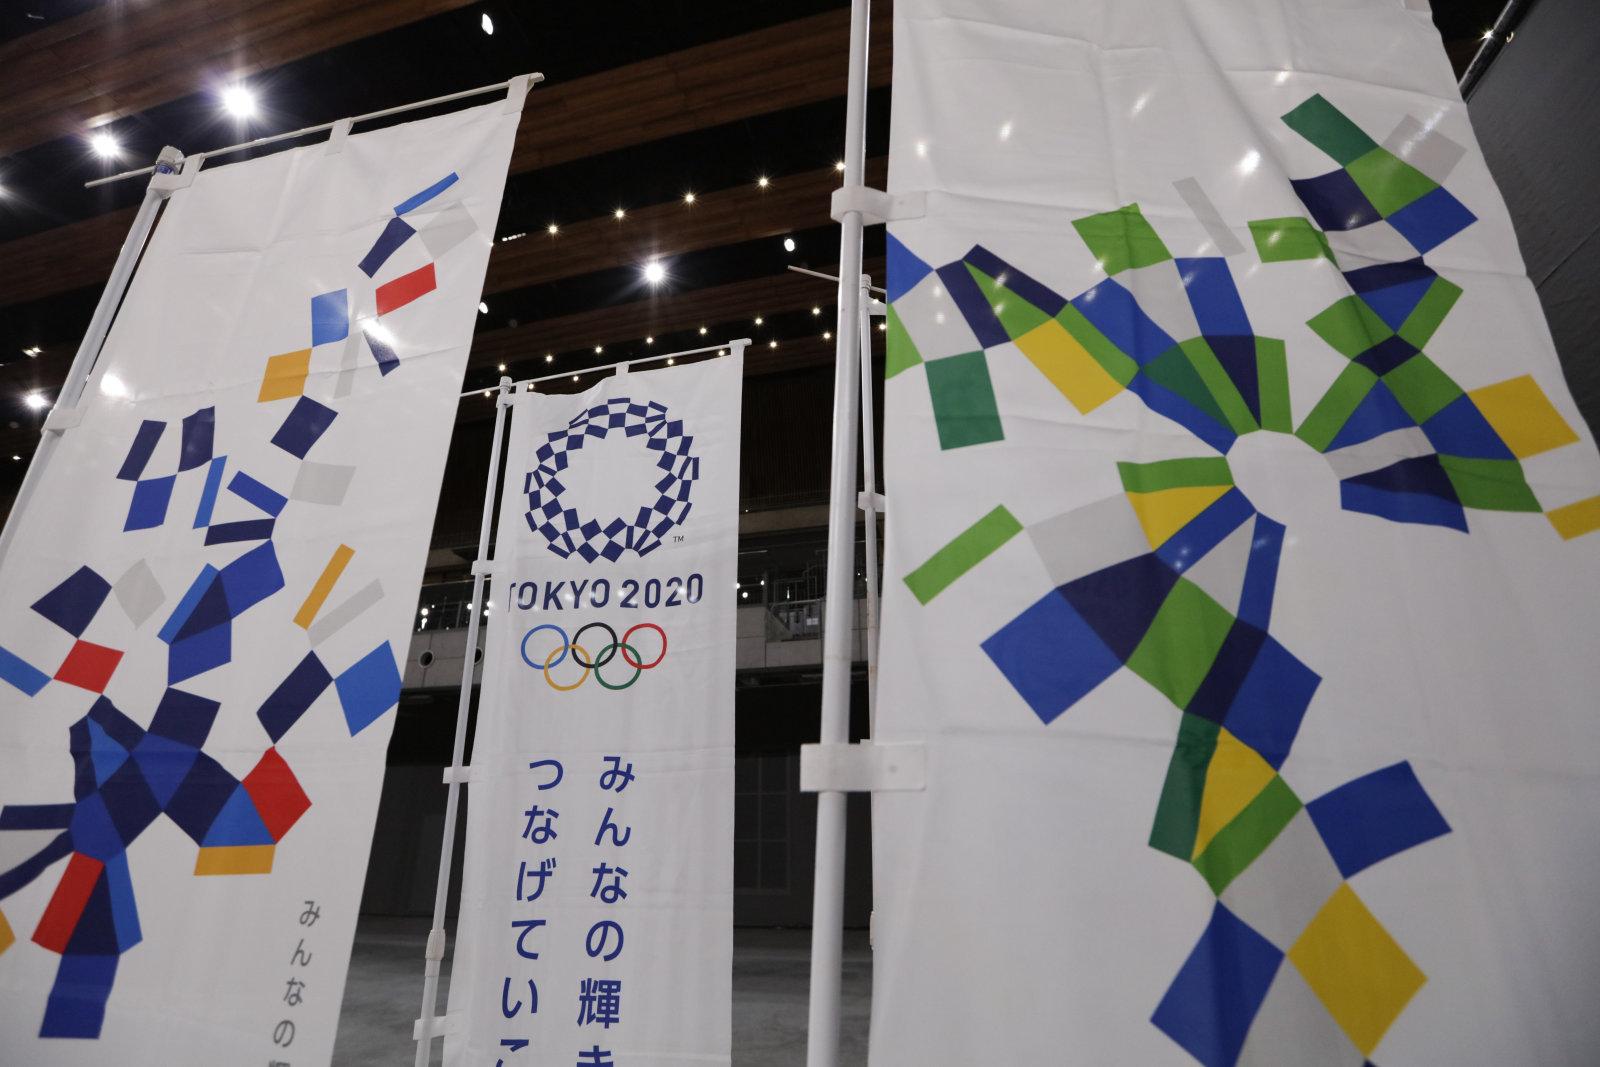 صفحه رسمی توییتر المپیک هک شد